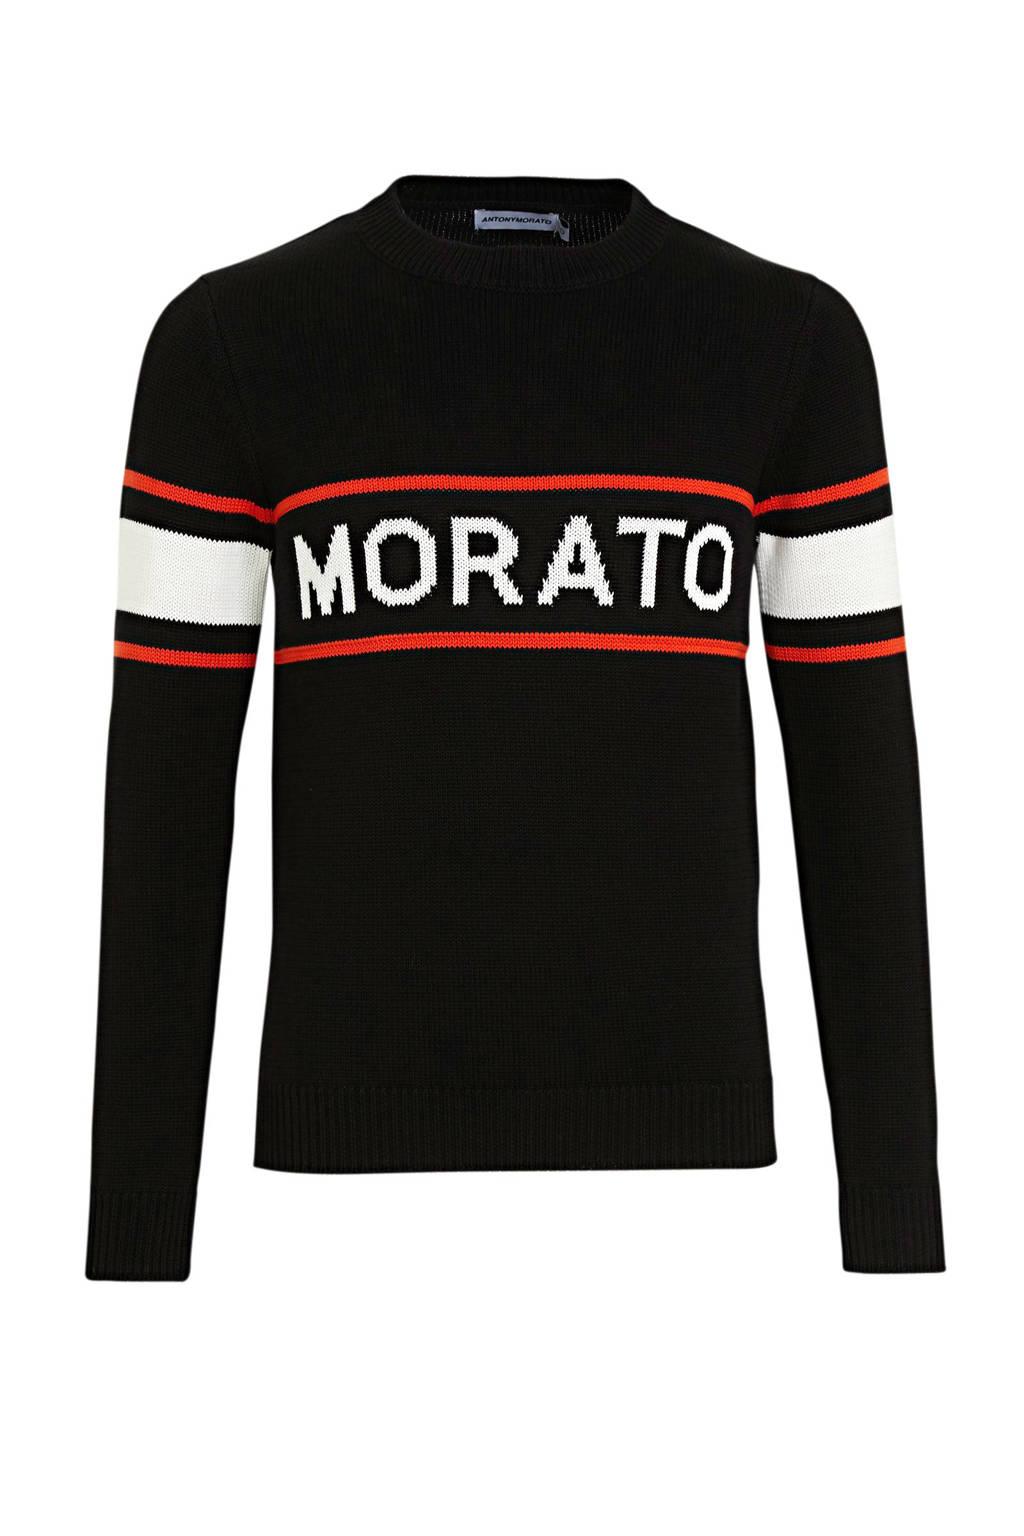 Antony Morato gebreide trui met logo zwart/rood/wit, Zwart/rood/wit